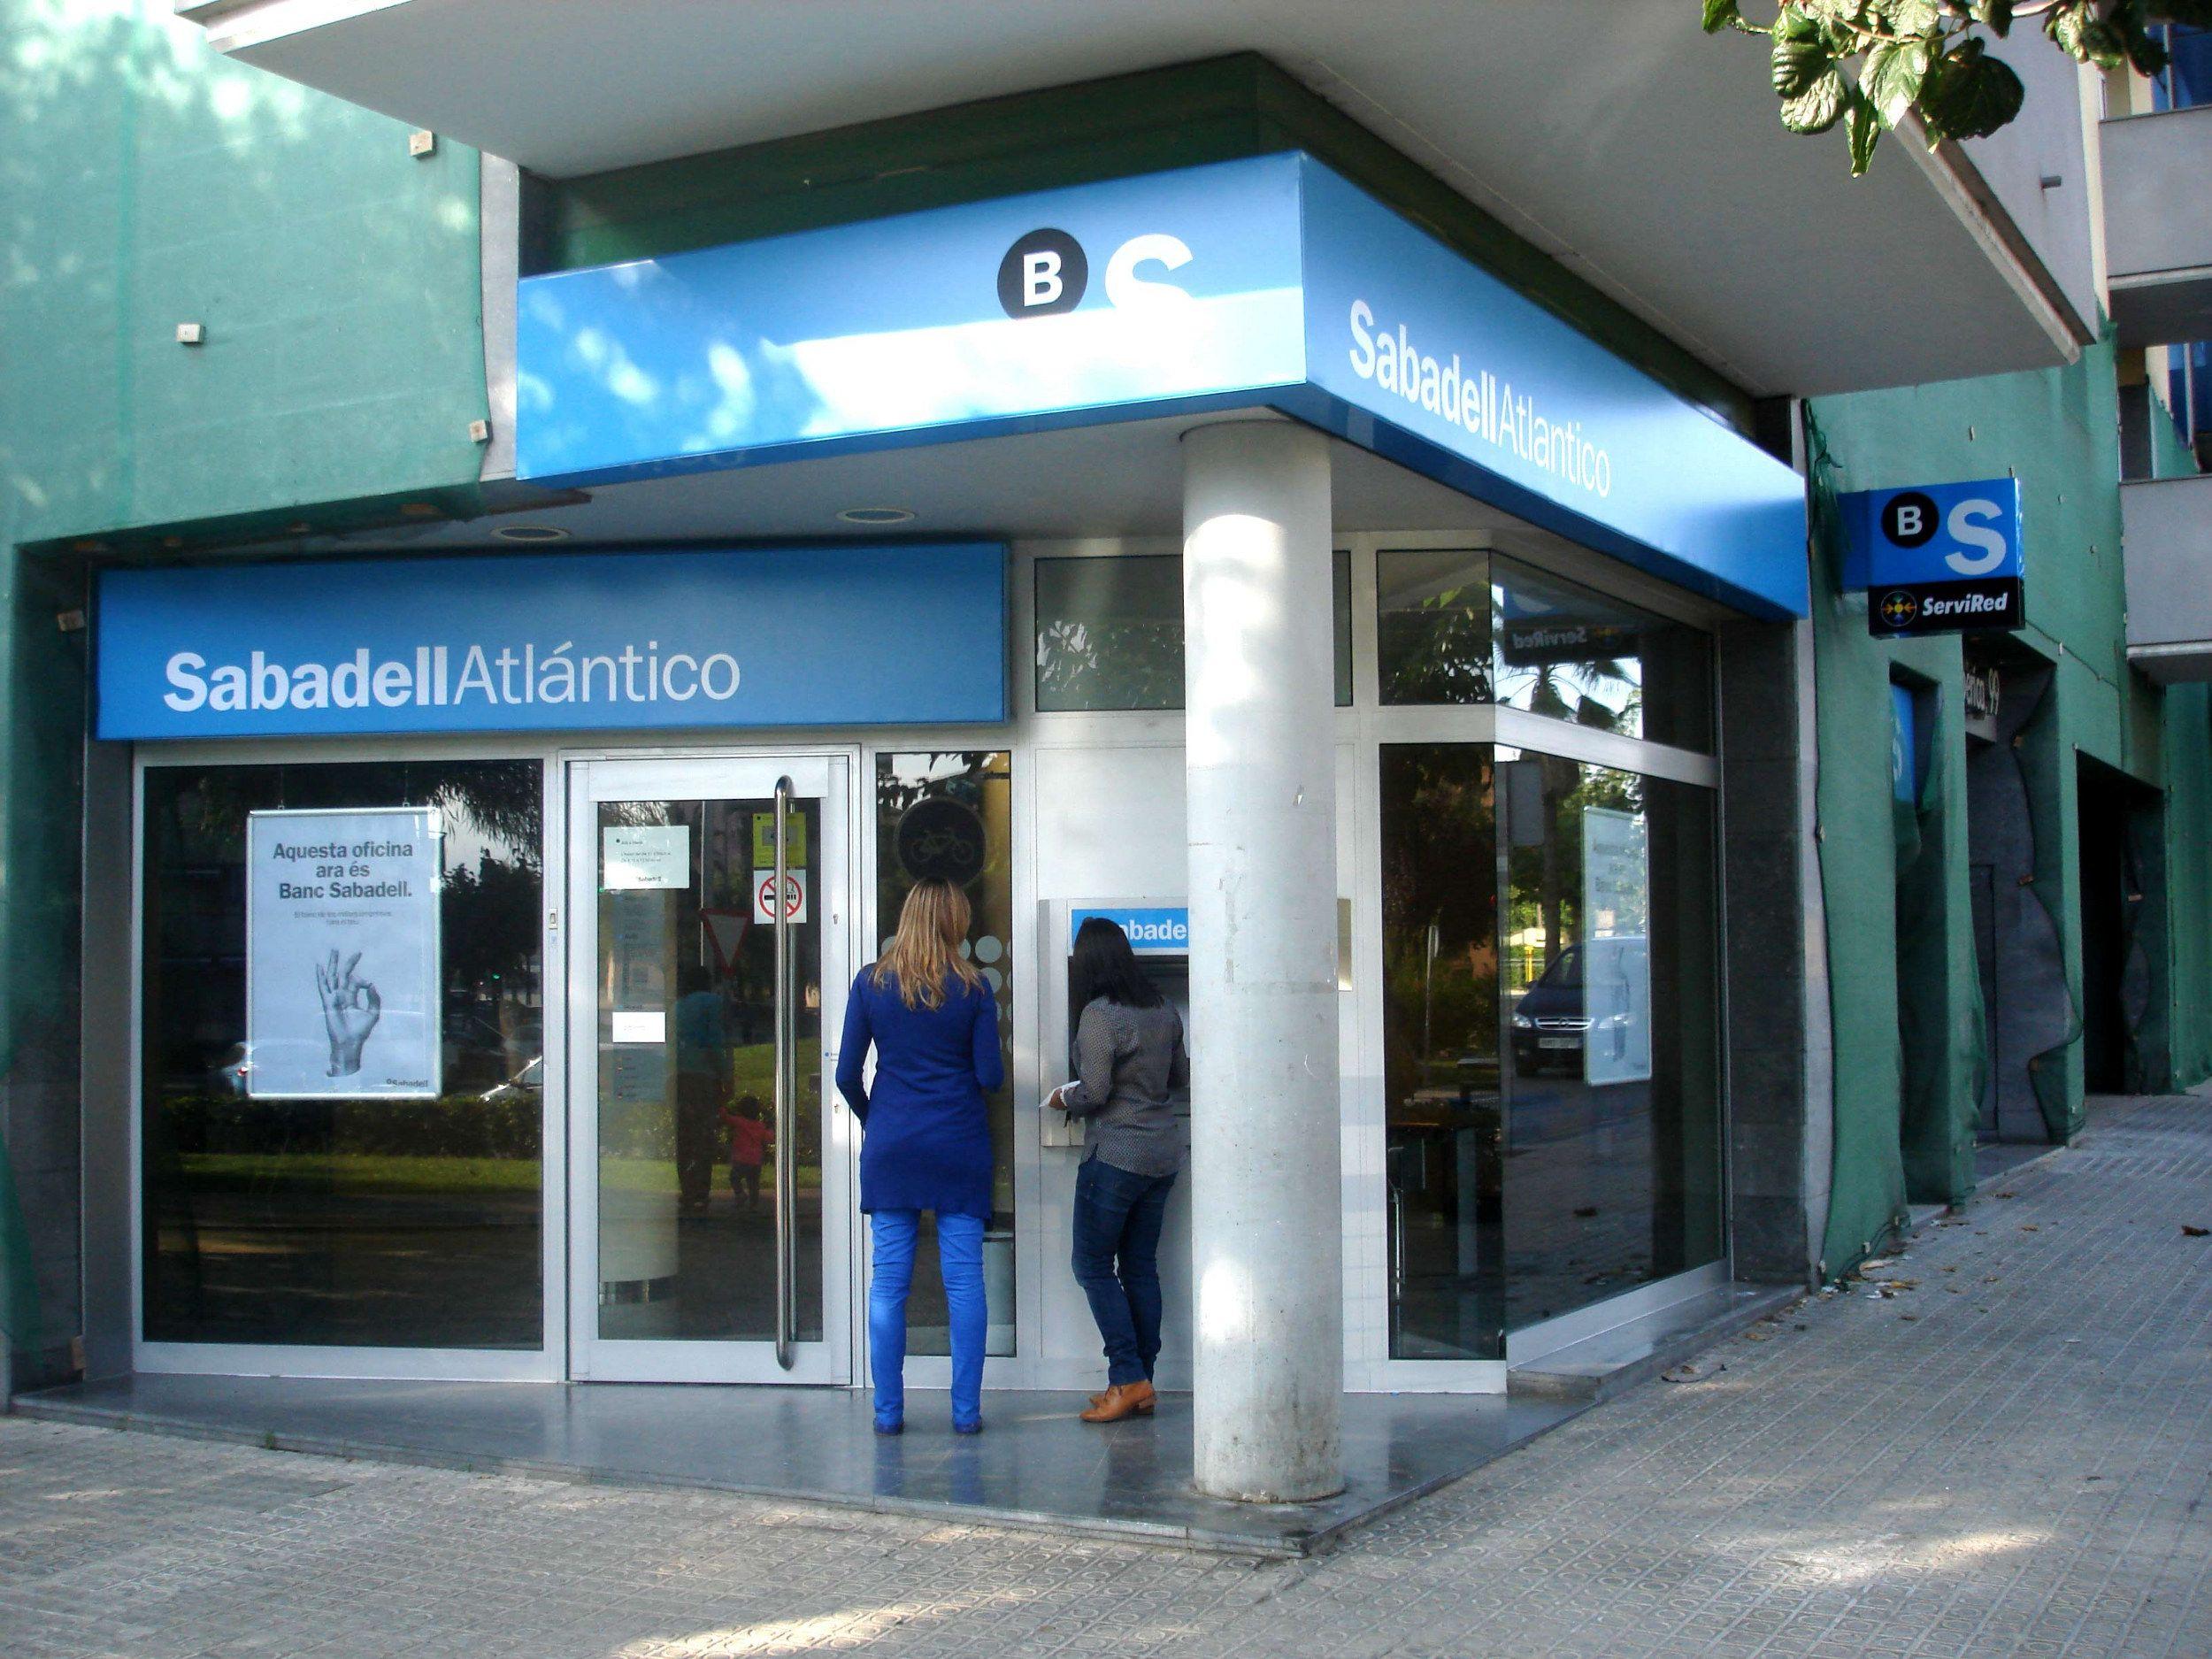 La meitat dels municipis catalans no disposen d 39 oficina for Banc sabadell oficines sabadell